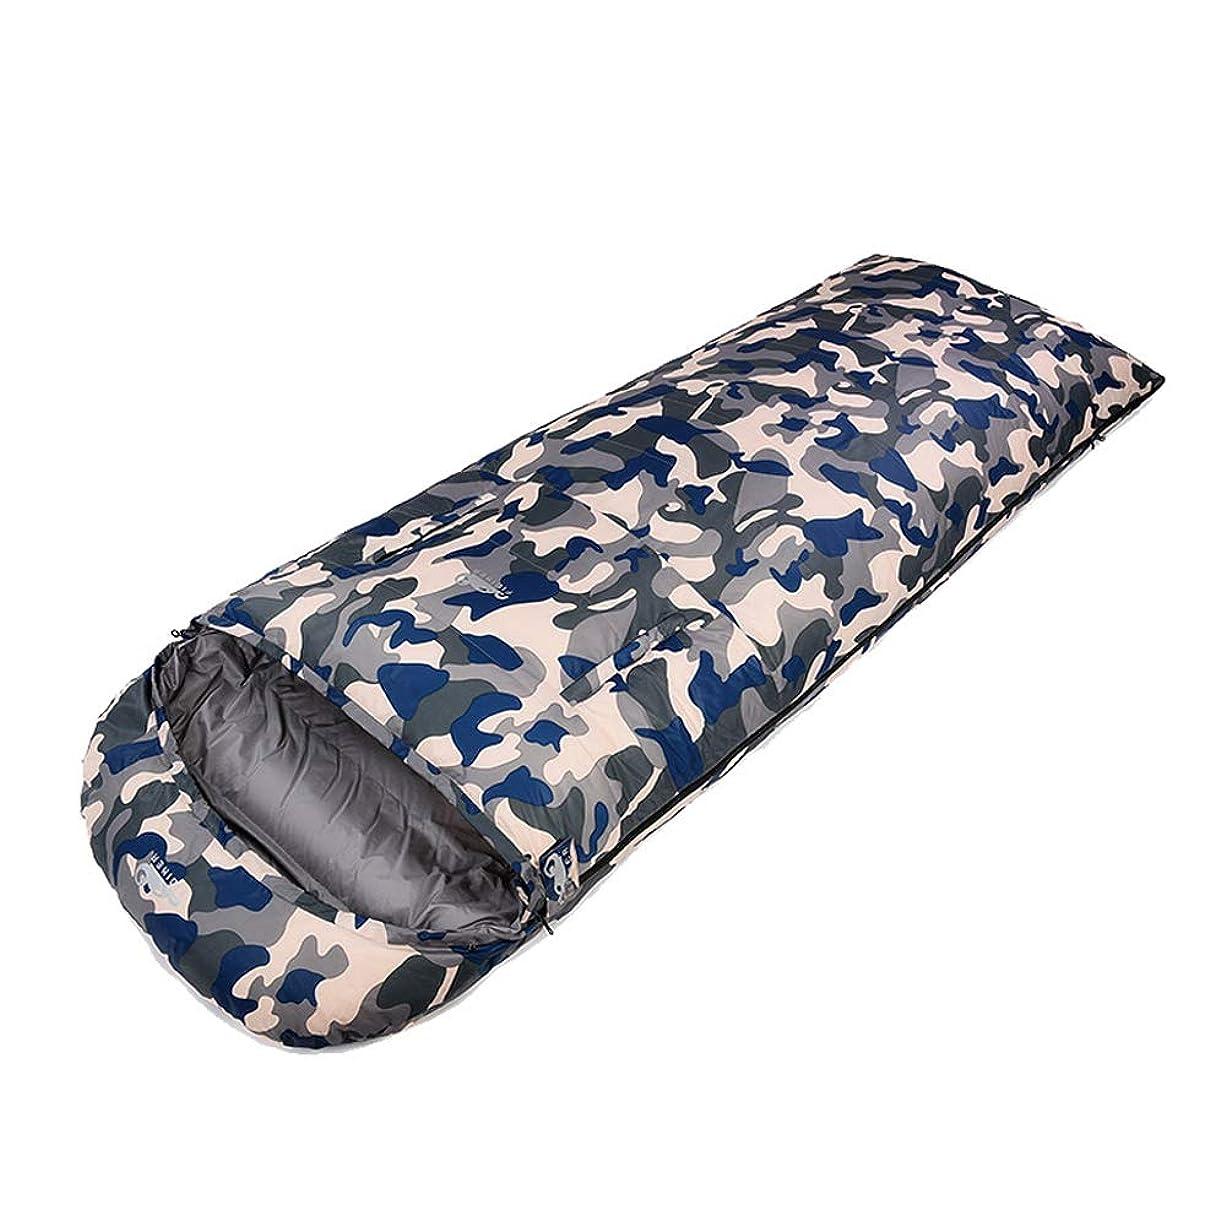 与える一致通知する寝袋大人の春夏秋冬の屋外肥厚室内キャンプ迷彩シングル野生の寝袋